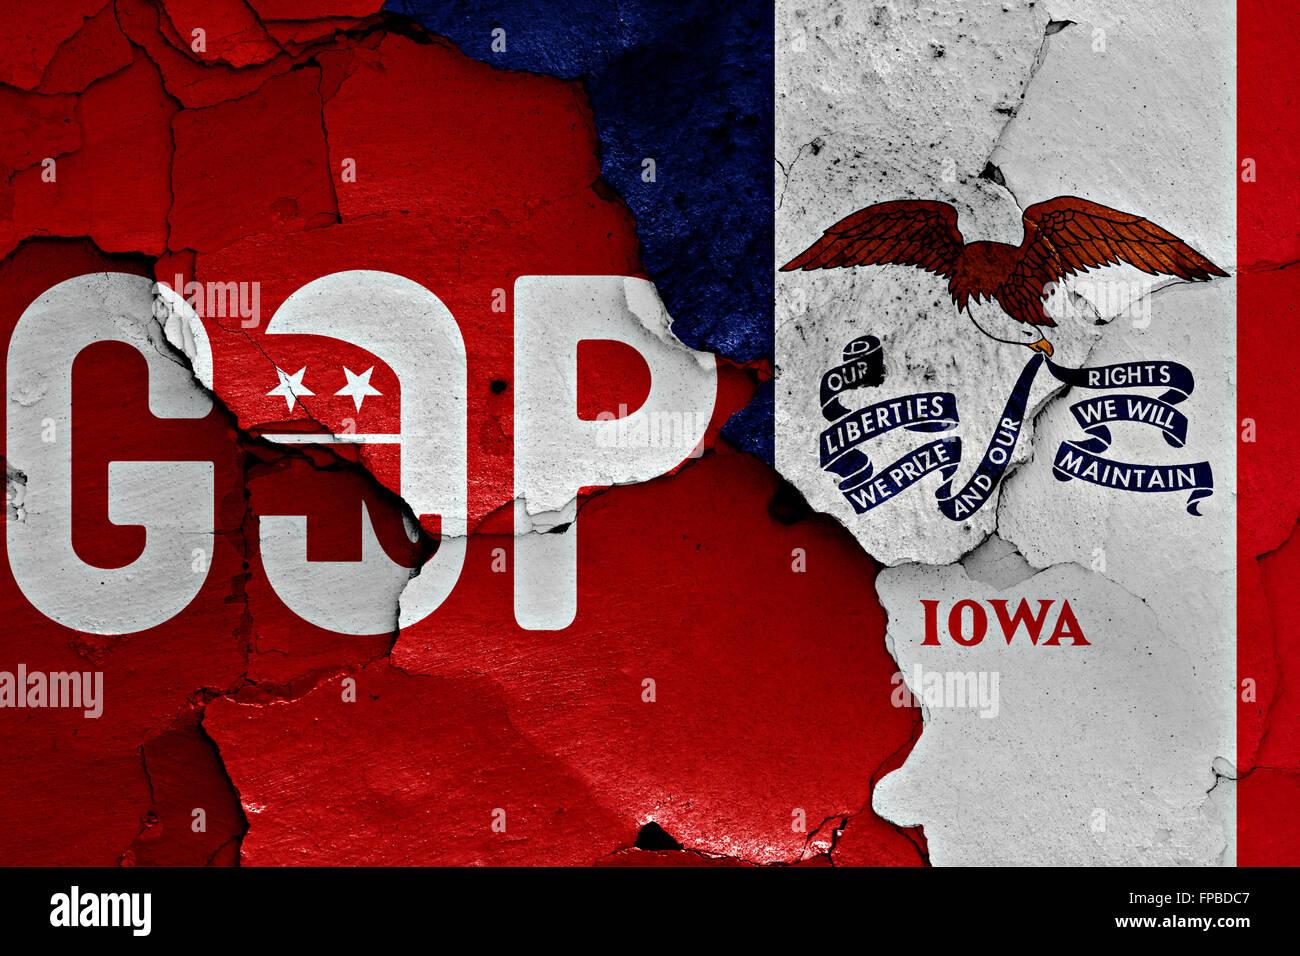 Pavillon du GOP et de l'Iowa peint sur mur fissuré Banque D'Images